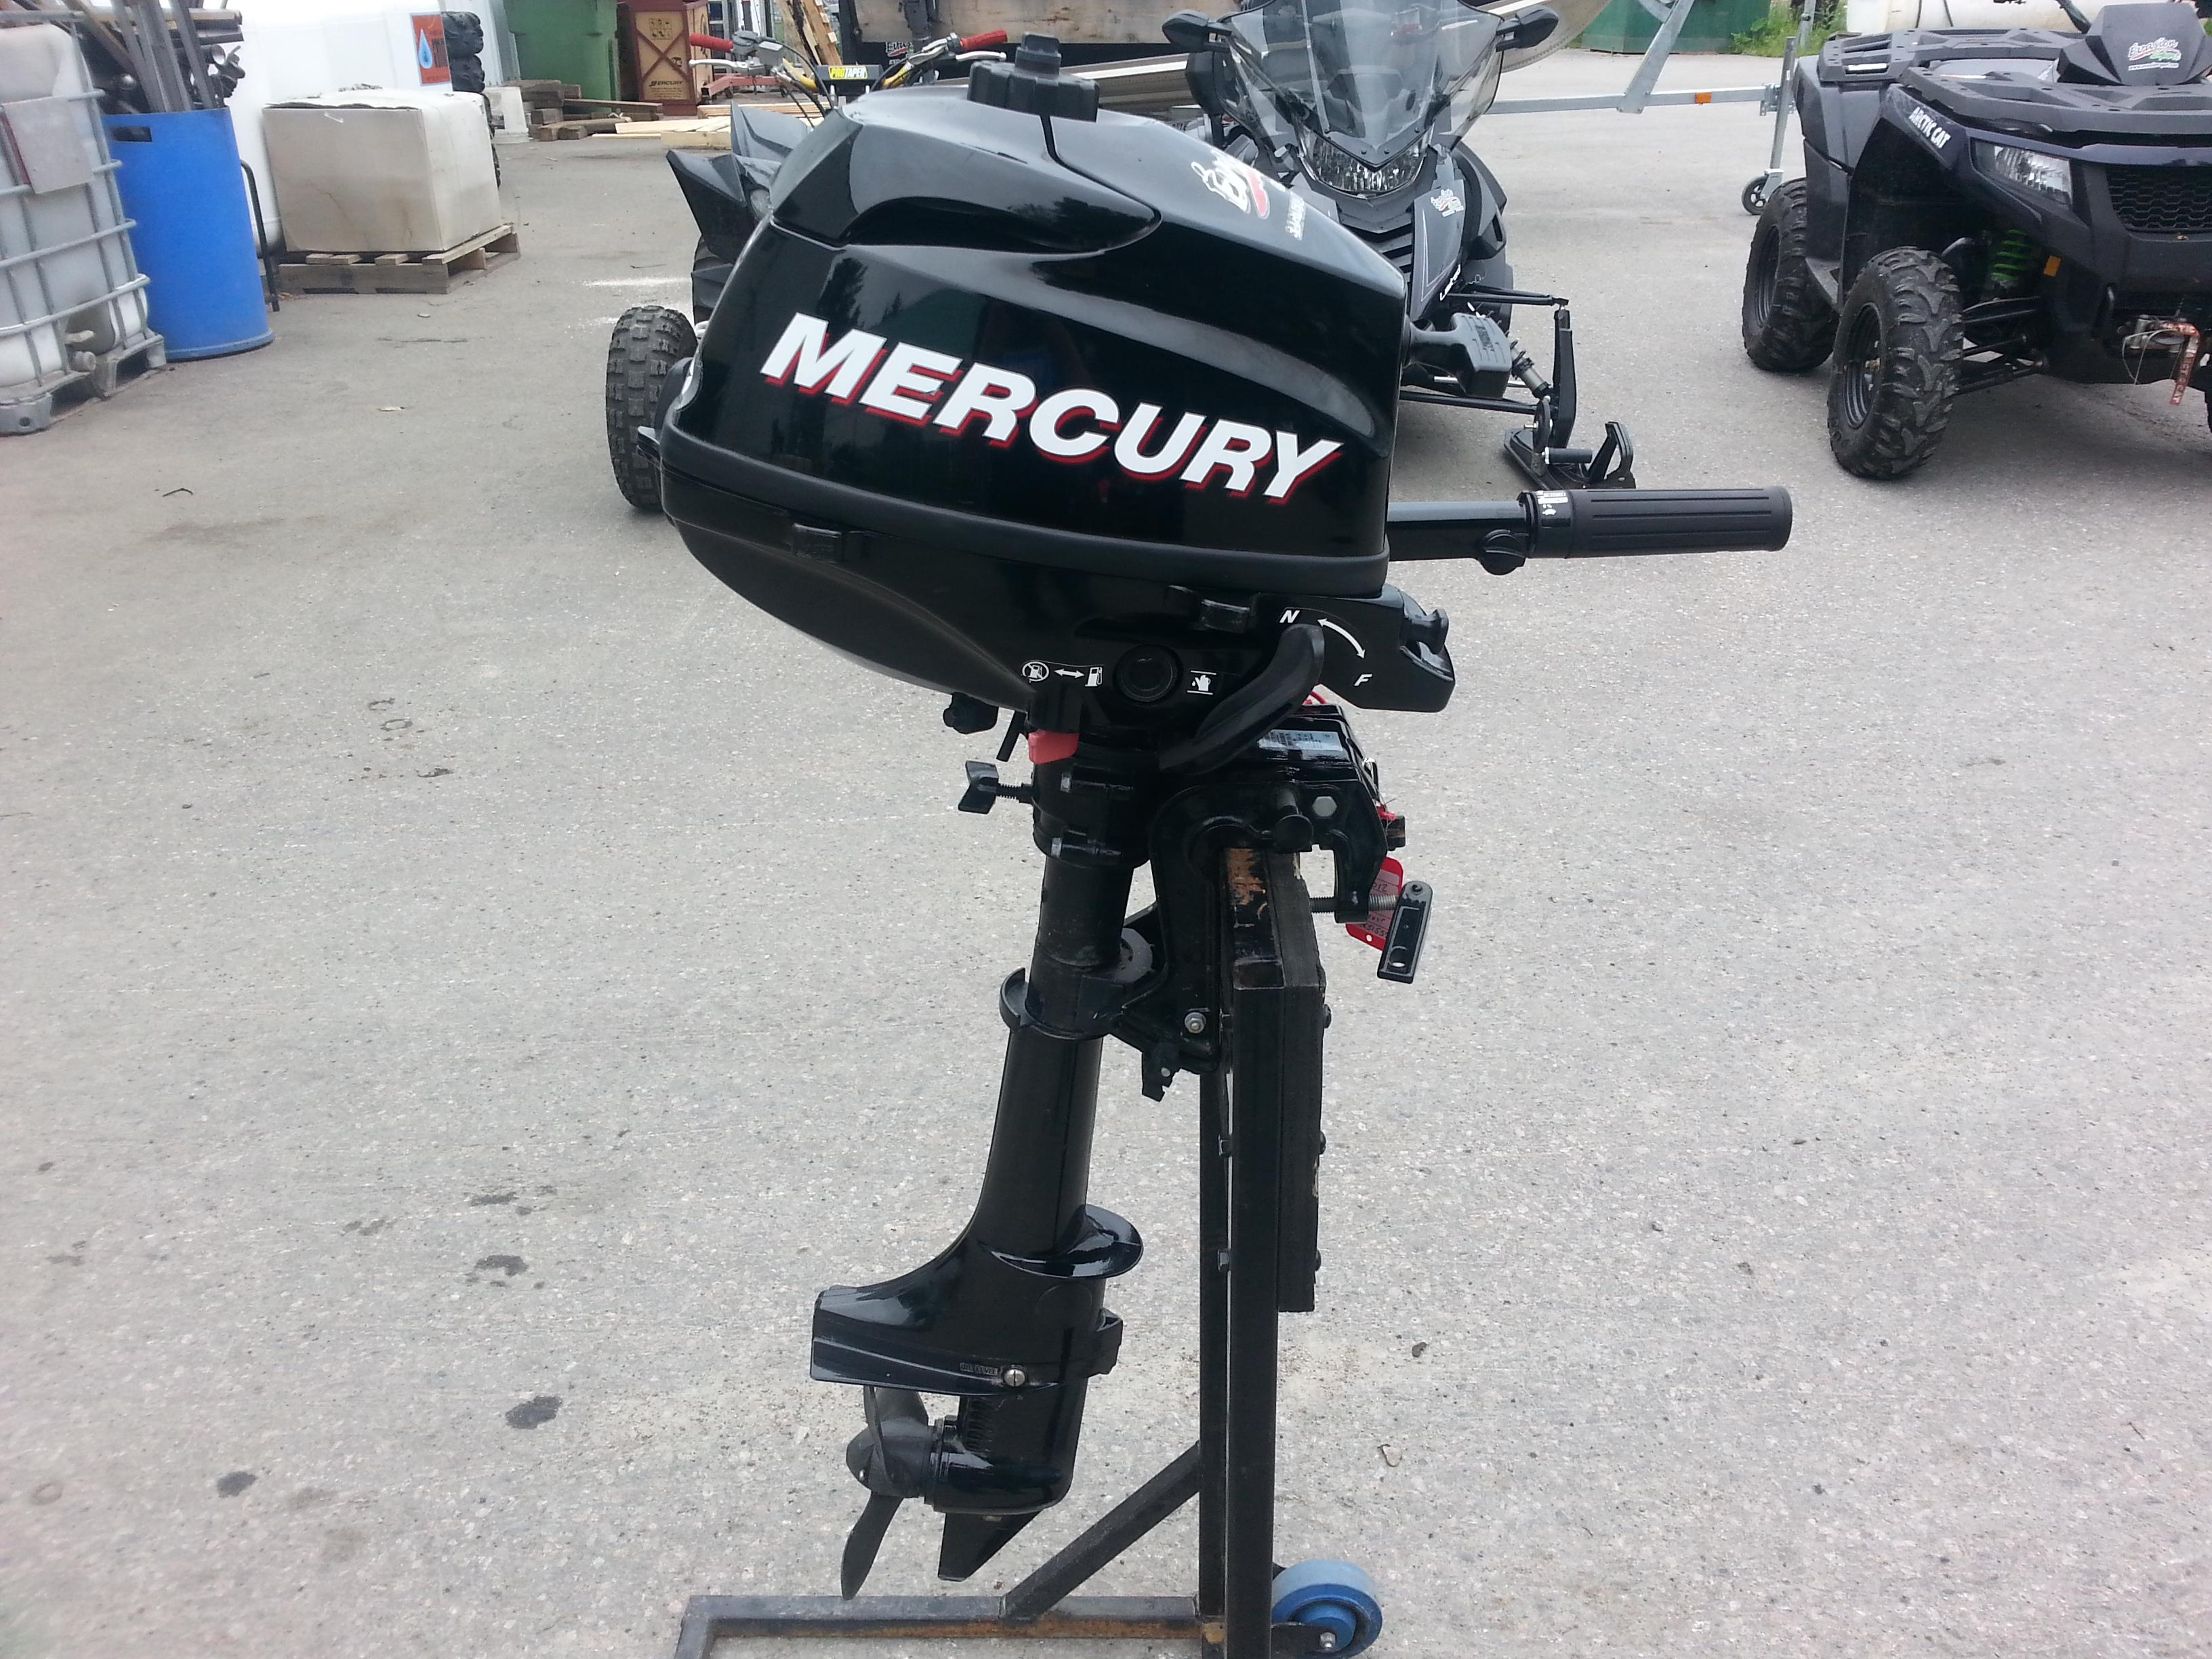 Mercury 2.5 M 2012